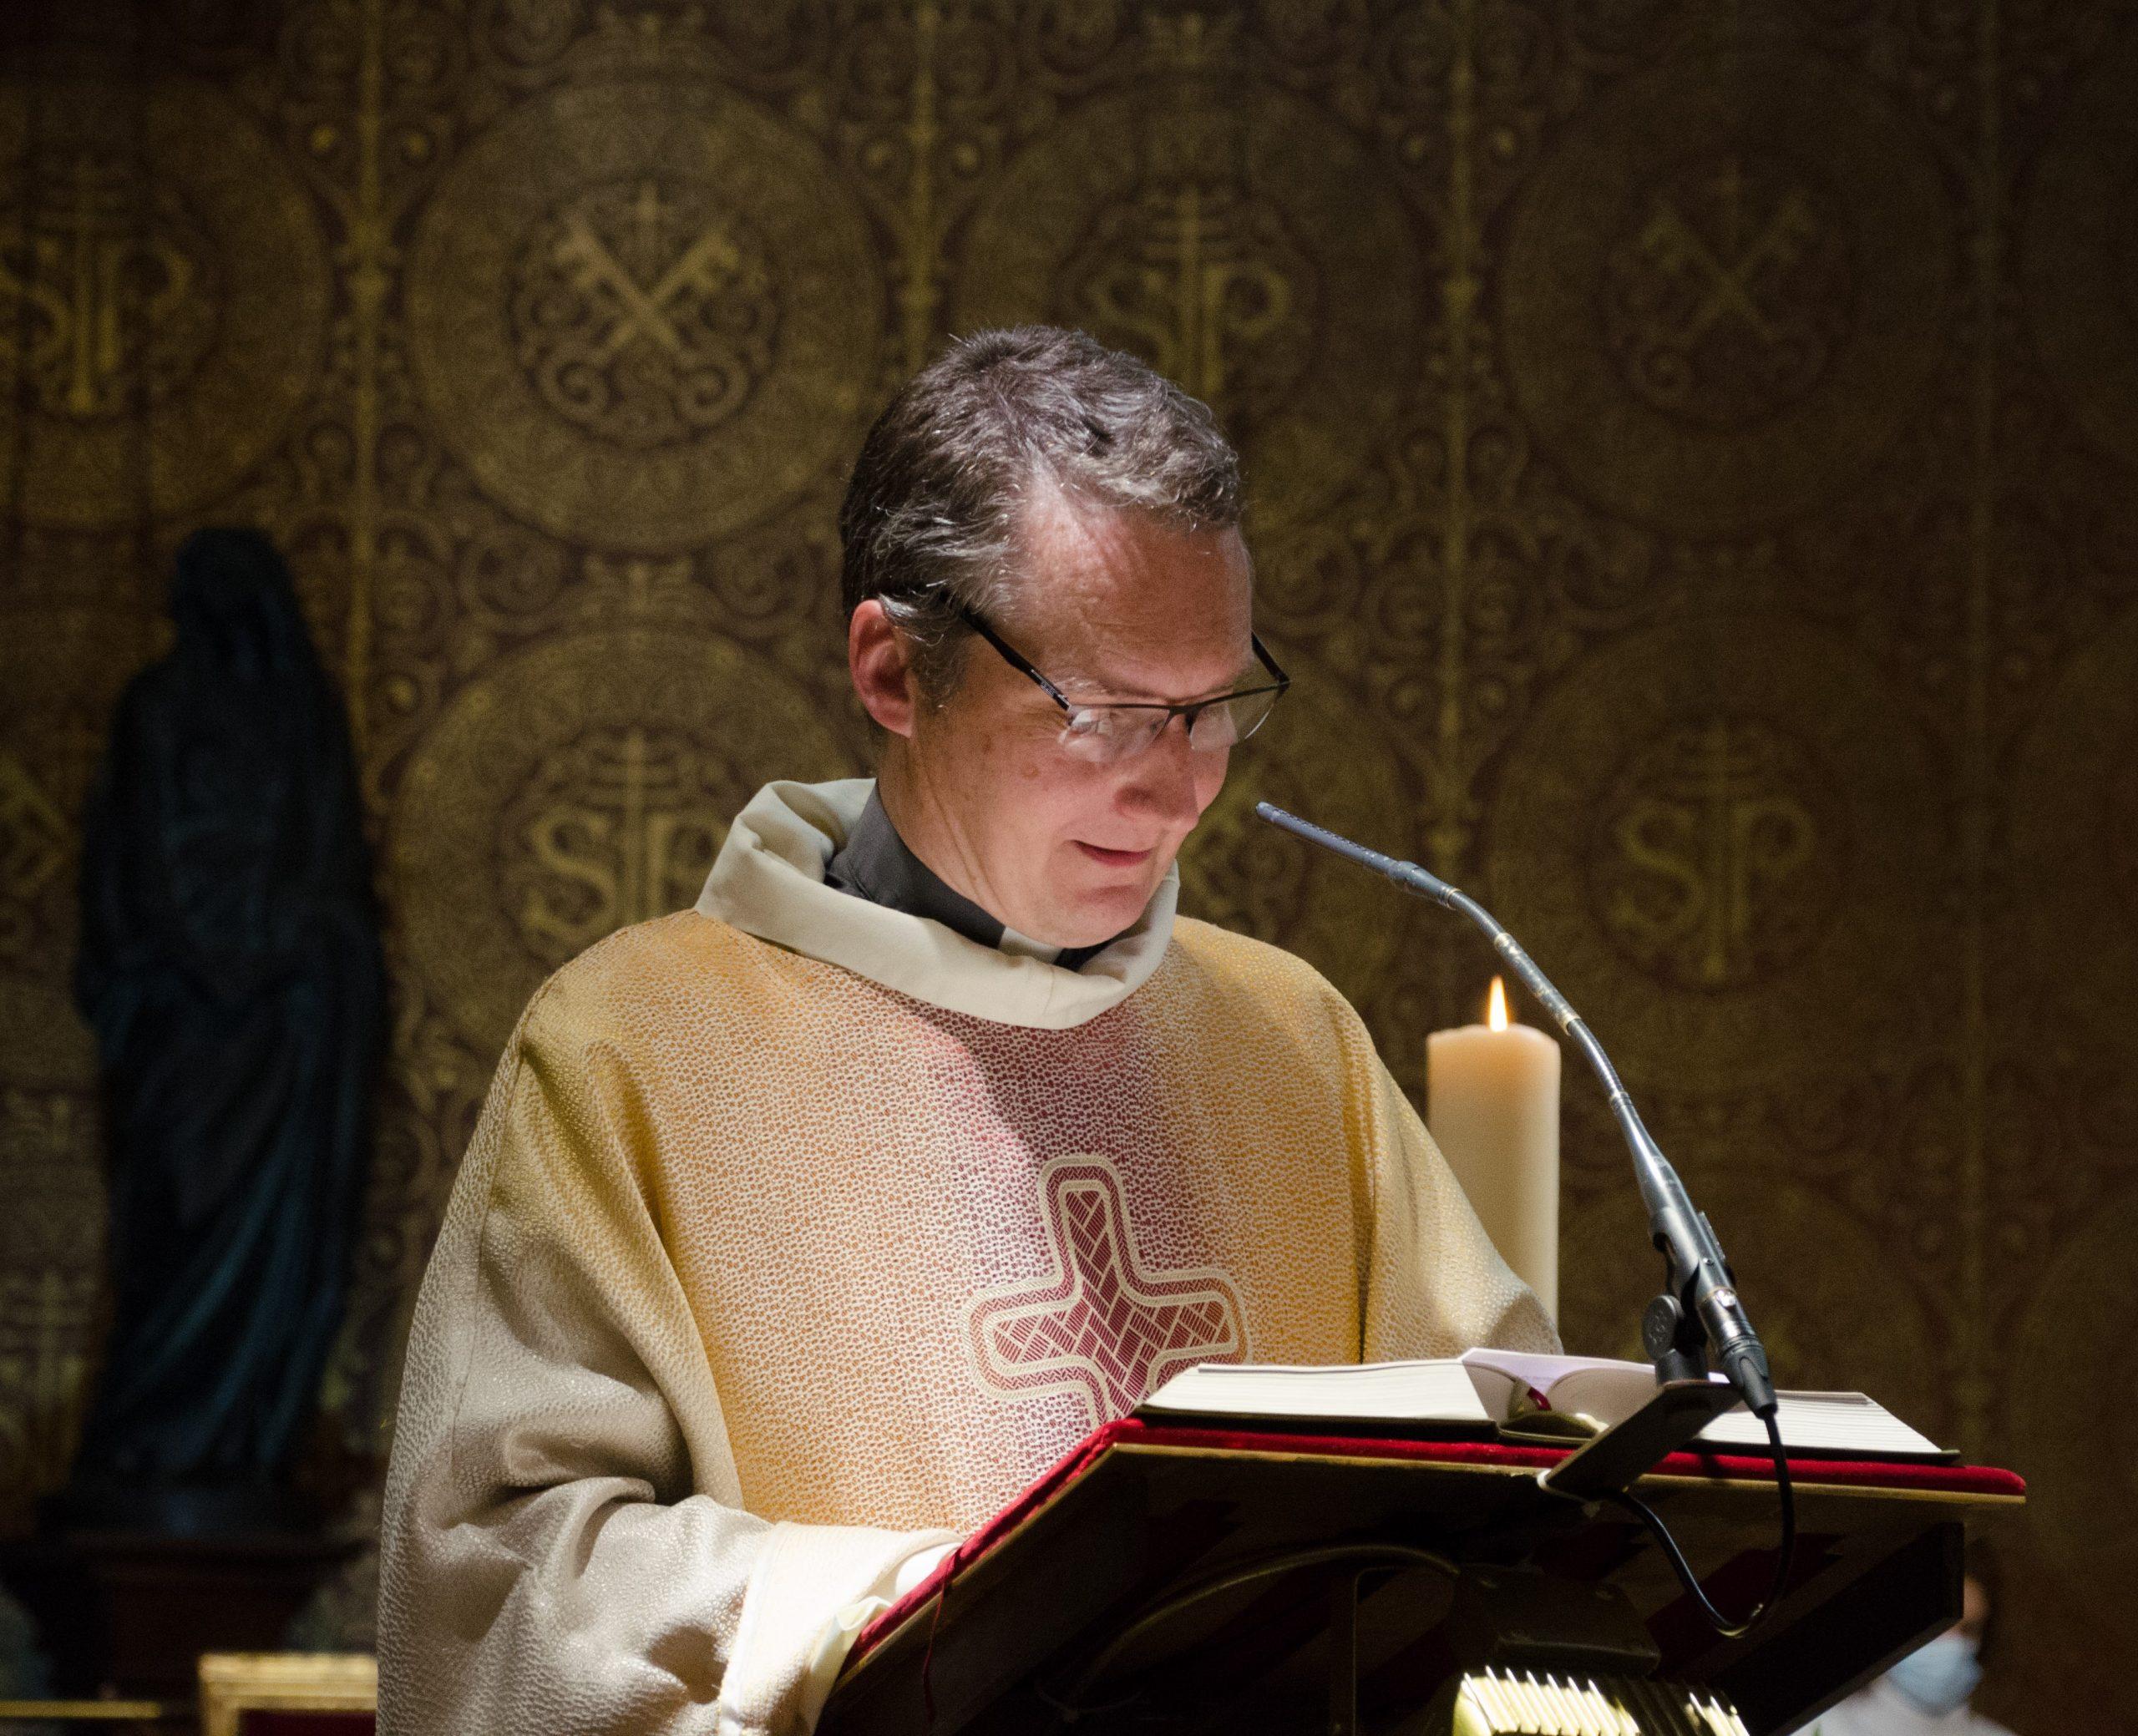 Messe du 23 Août 2020 : Homélie du Père Jérôme Thuault, curé.